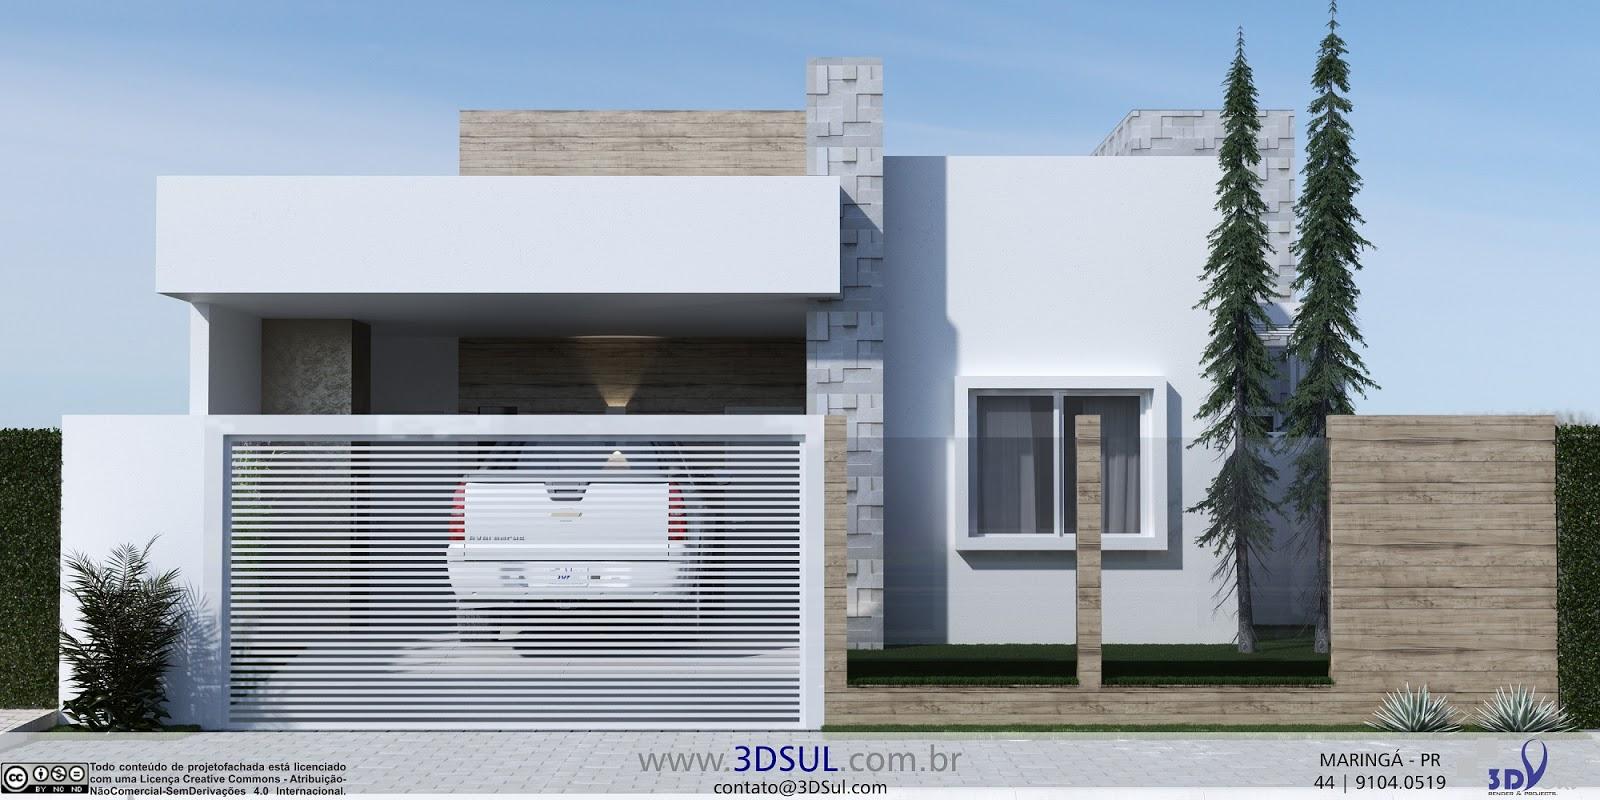 Fachadas de casas bonitas e modernas dicas para decorar for Fachadas de casas modernas